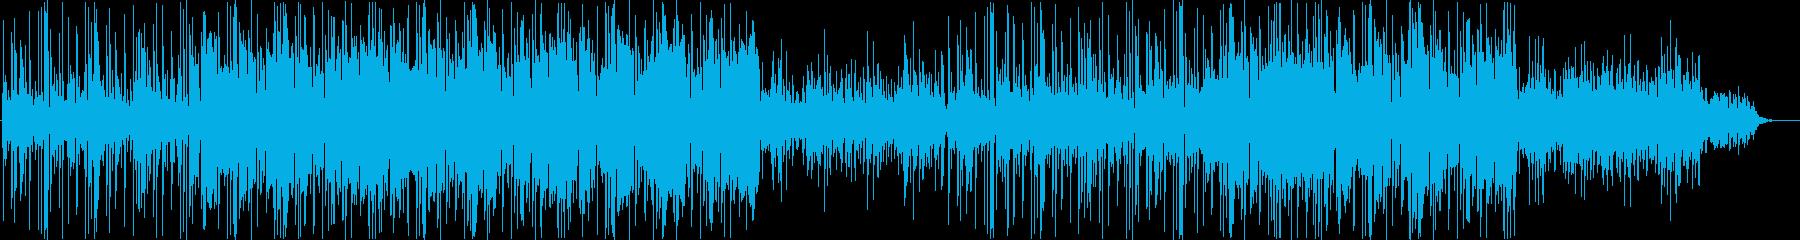 背景に溶け込むミニマルな電子音楽の再生済みの波形